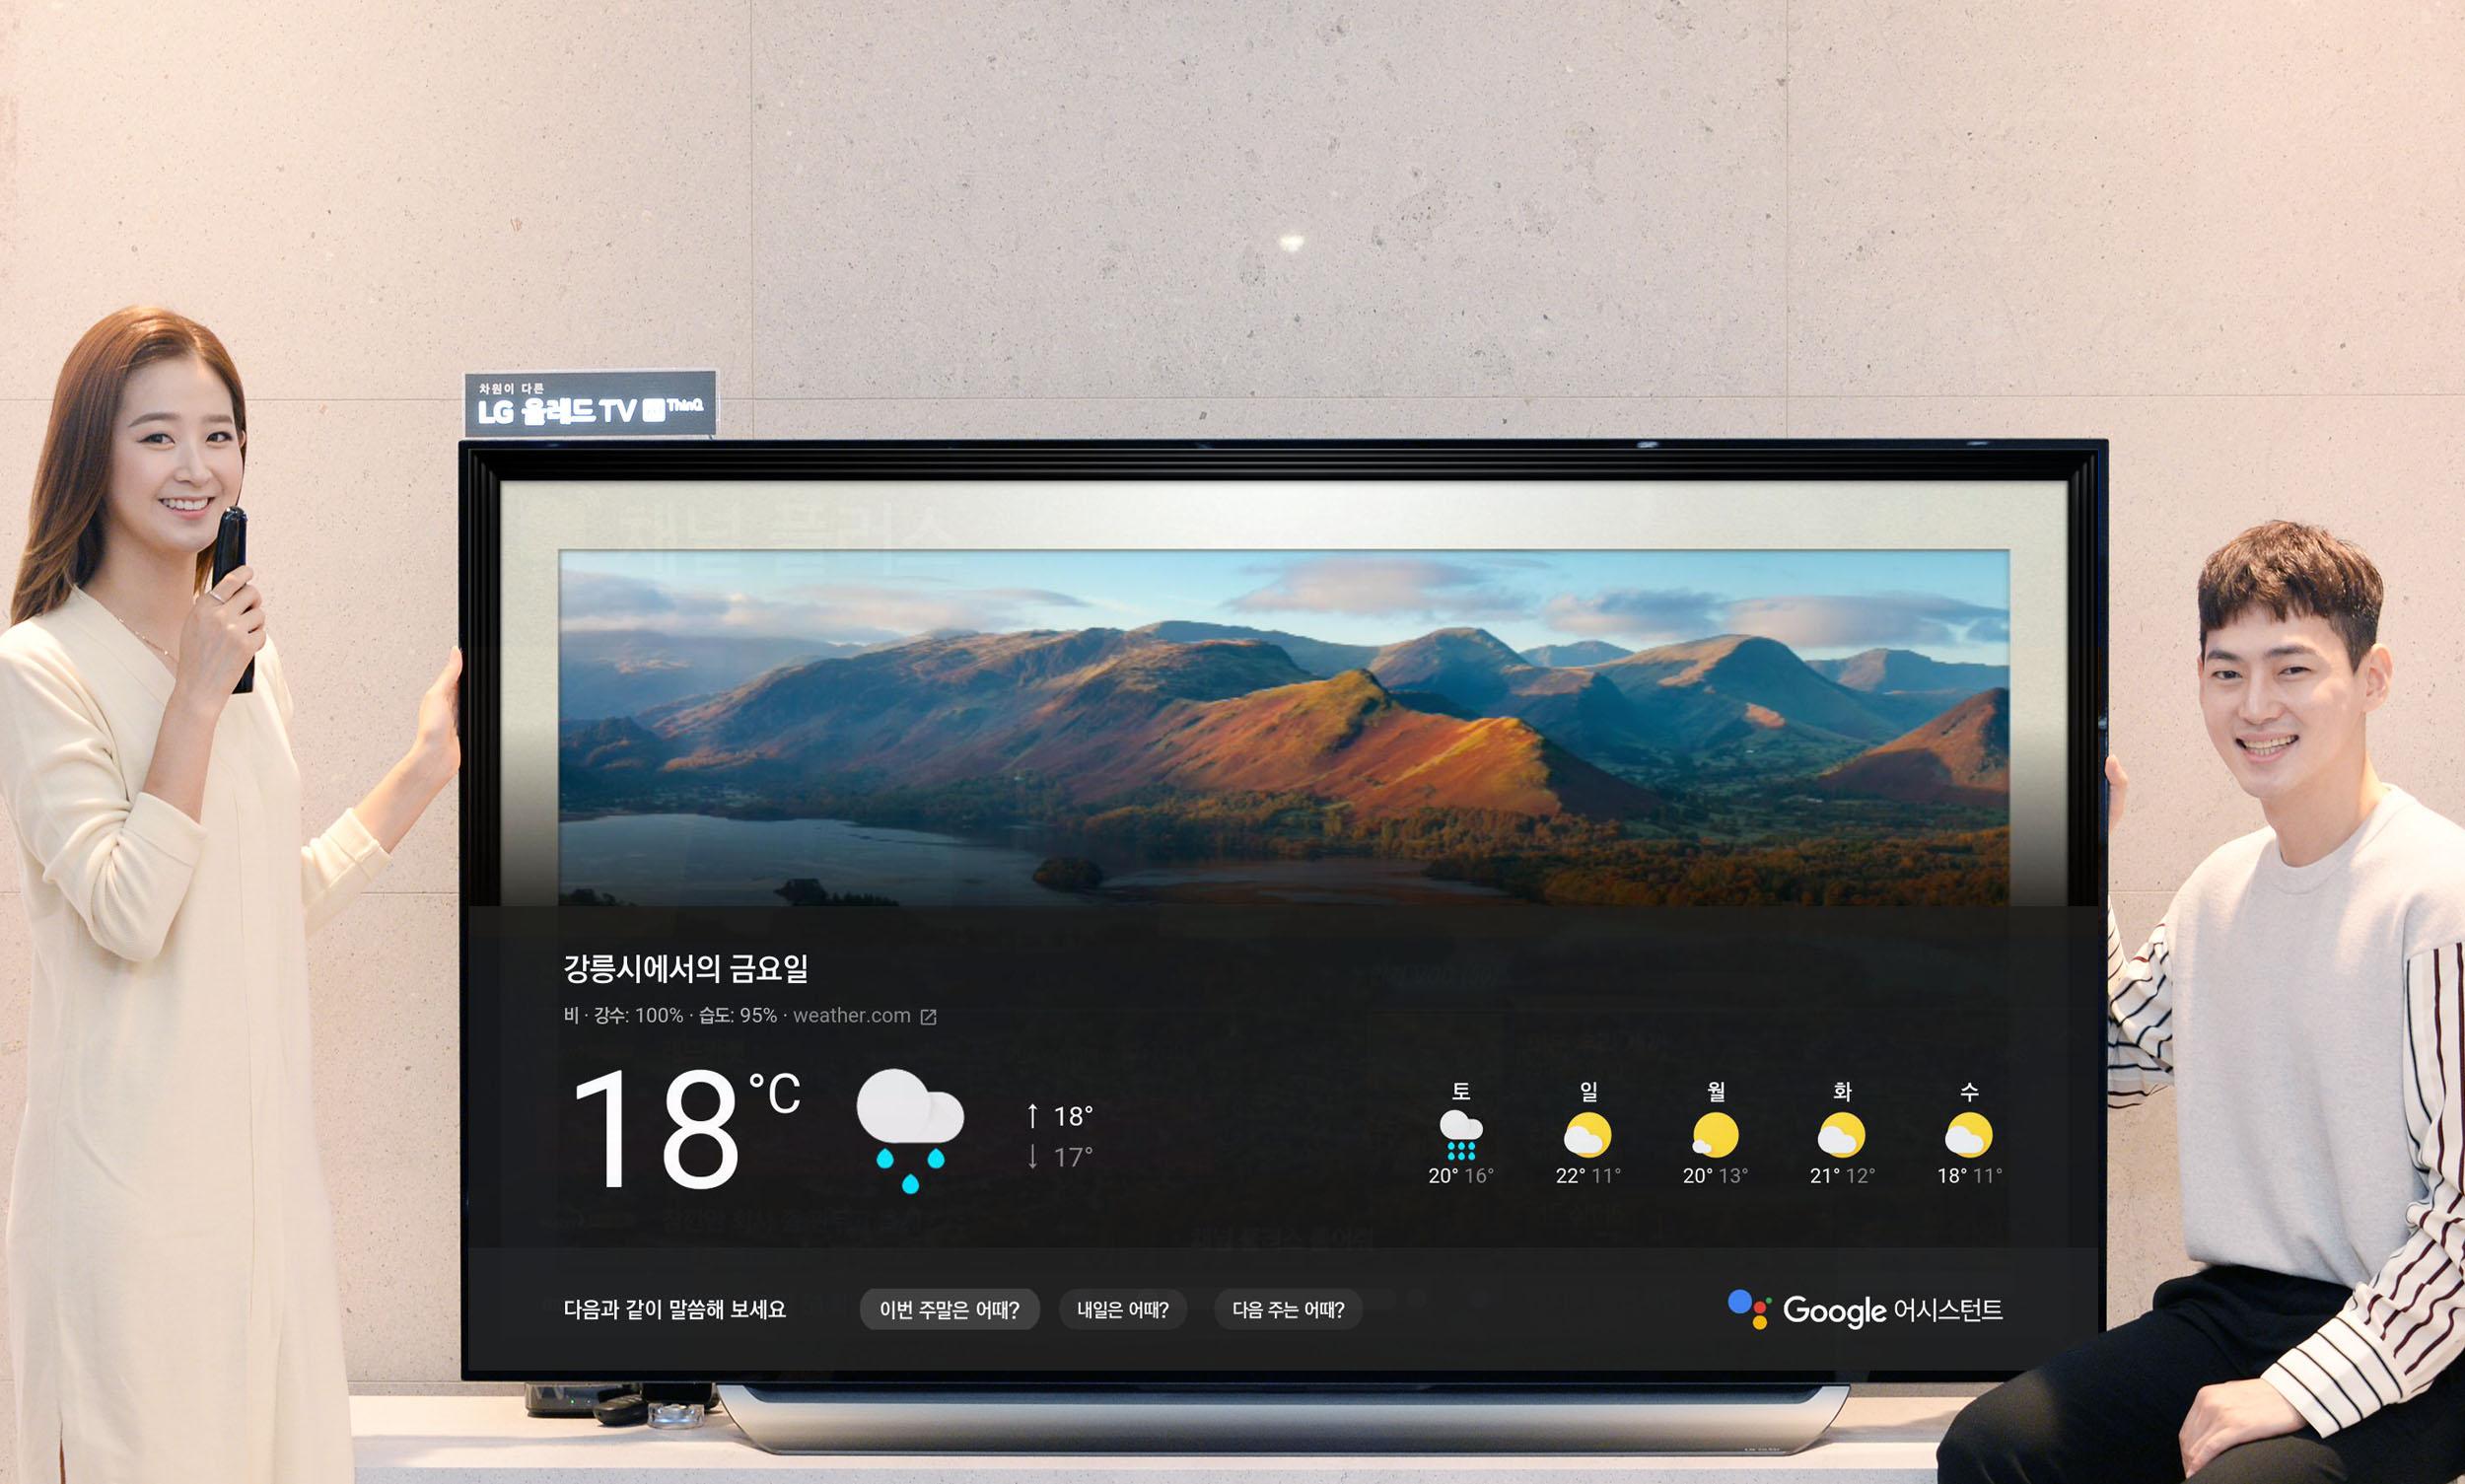 구글 어시스턴트 한국어 서비스로 더 똑똑해진 LG 인공지능 TV